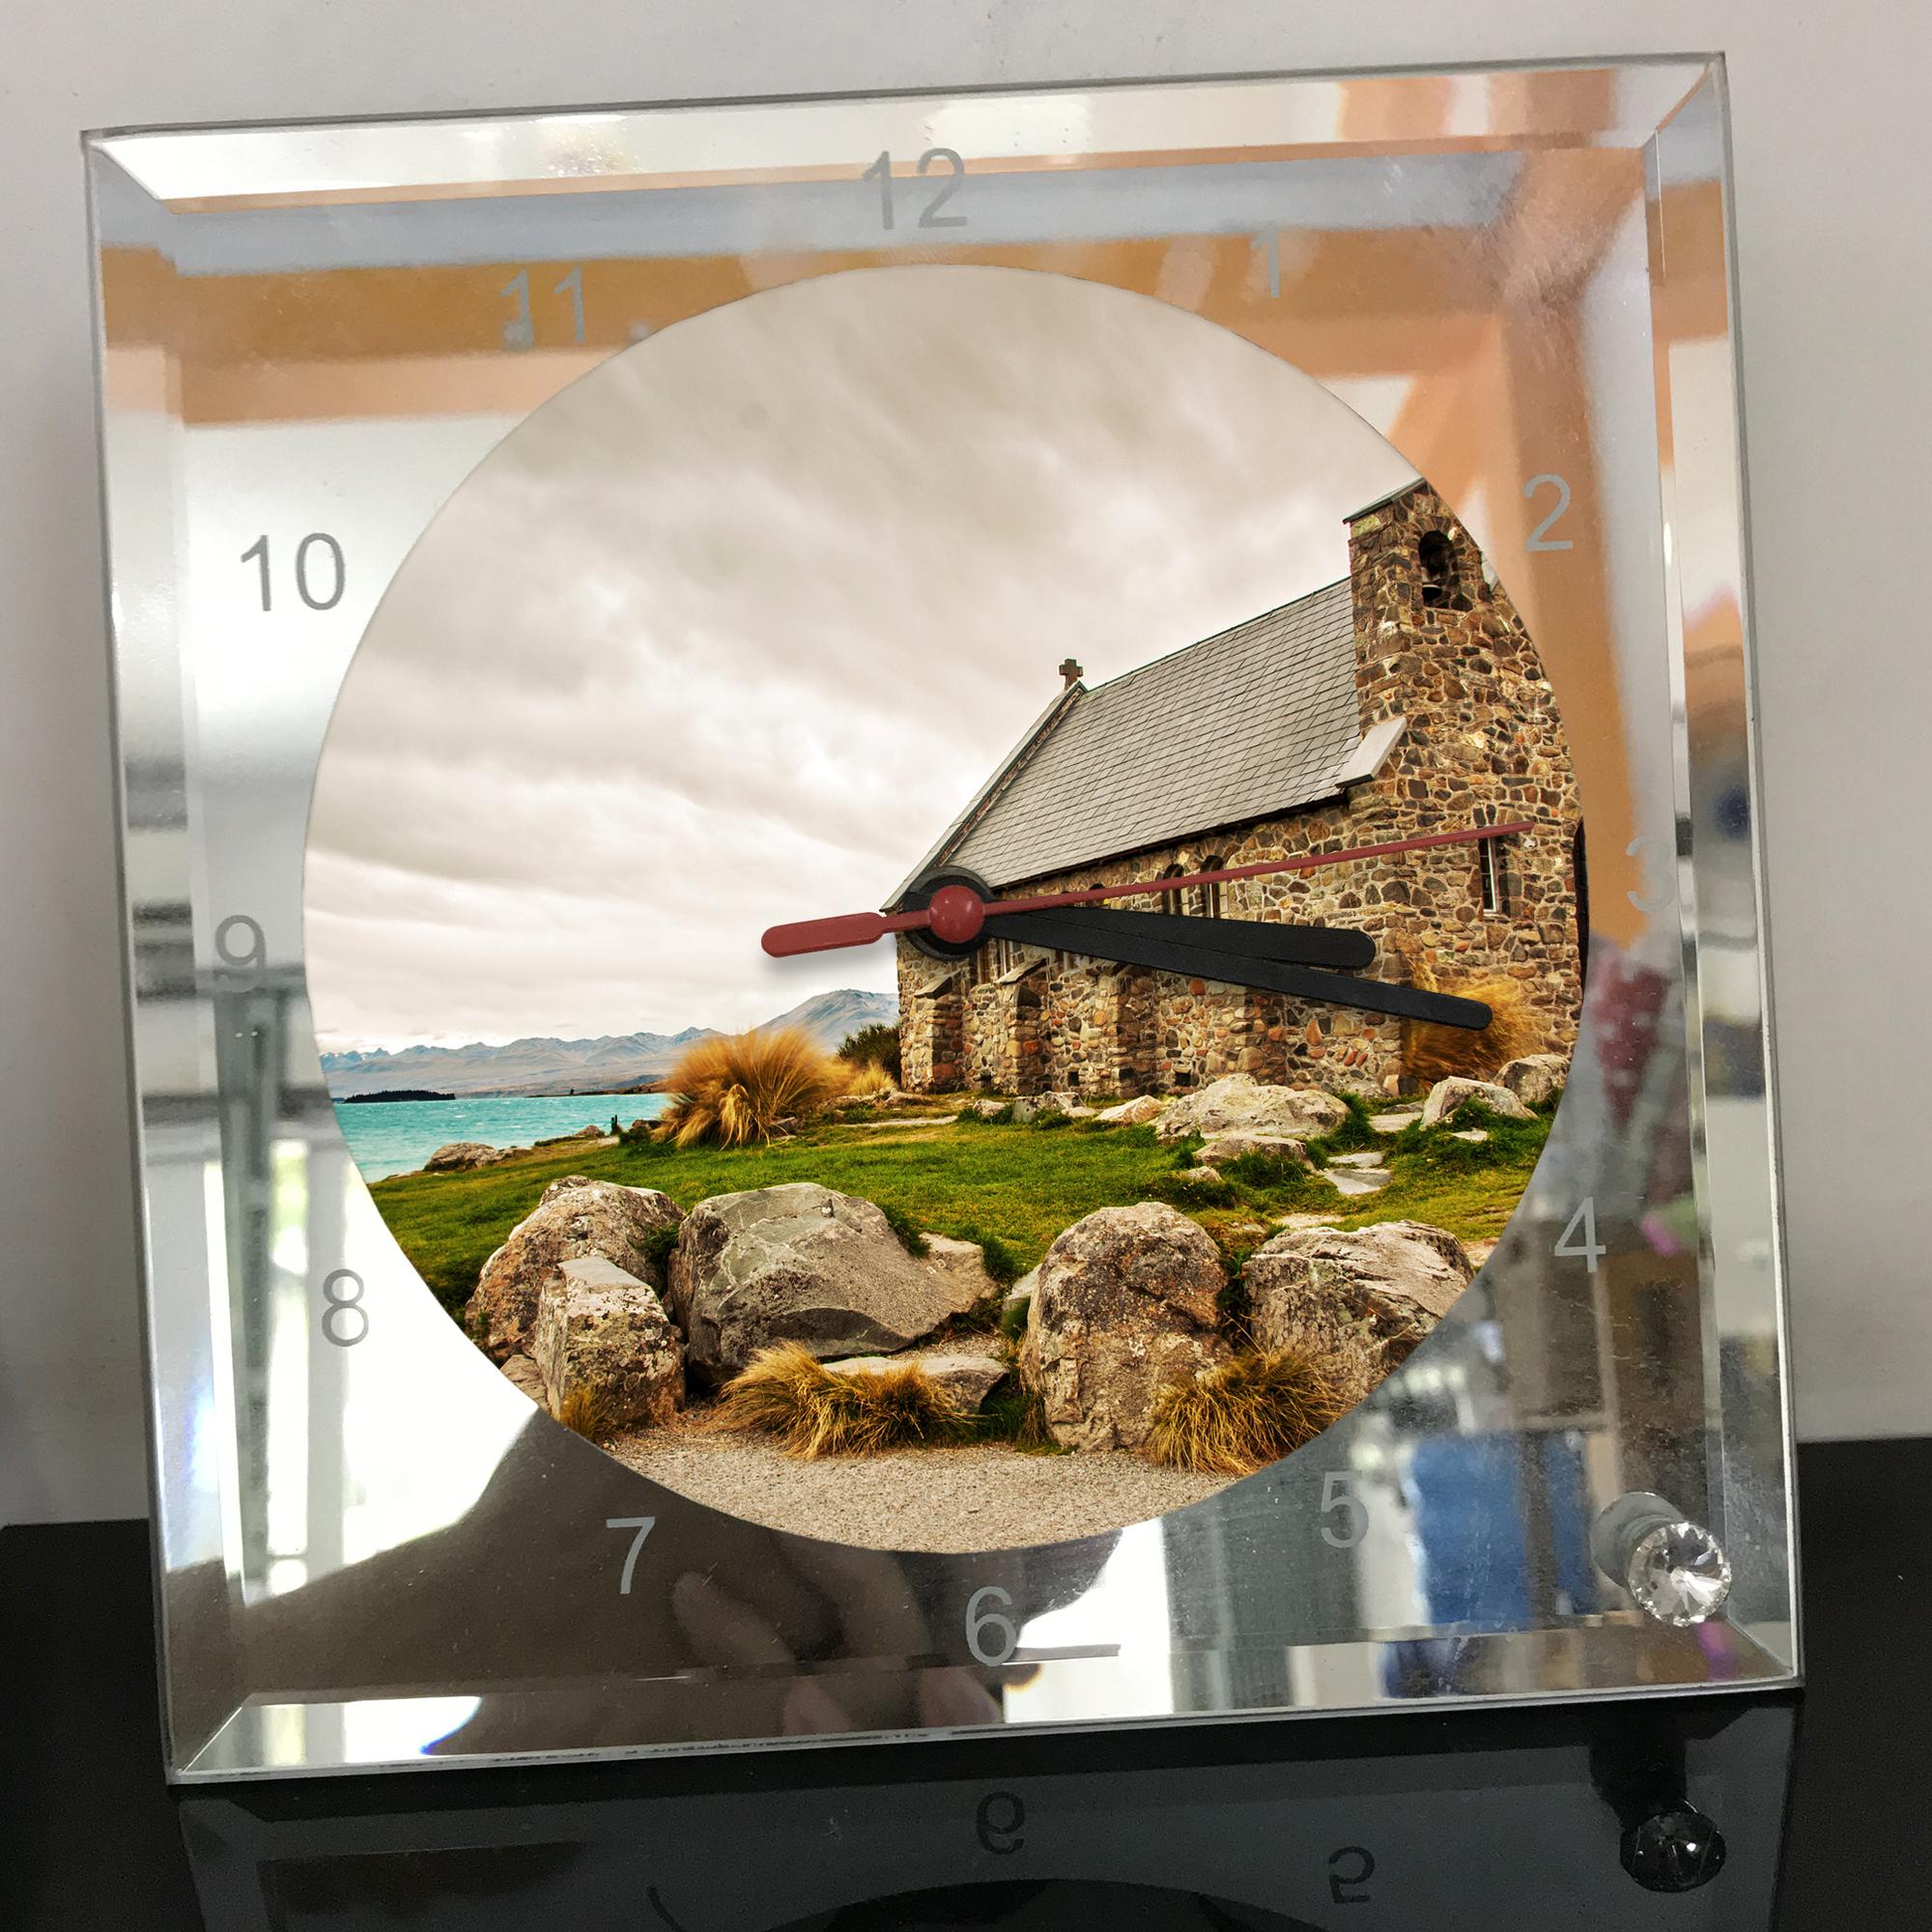 Đồng hồ thủy tinh vuông 20x20 in hình Church - nhà thờ (38) . Đồng hồ thủy tinh để bàn trang trí đẹp chủ đề tôn giáo